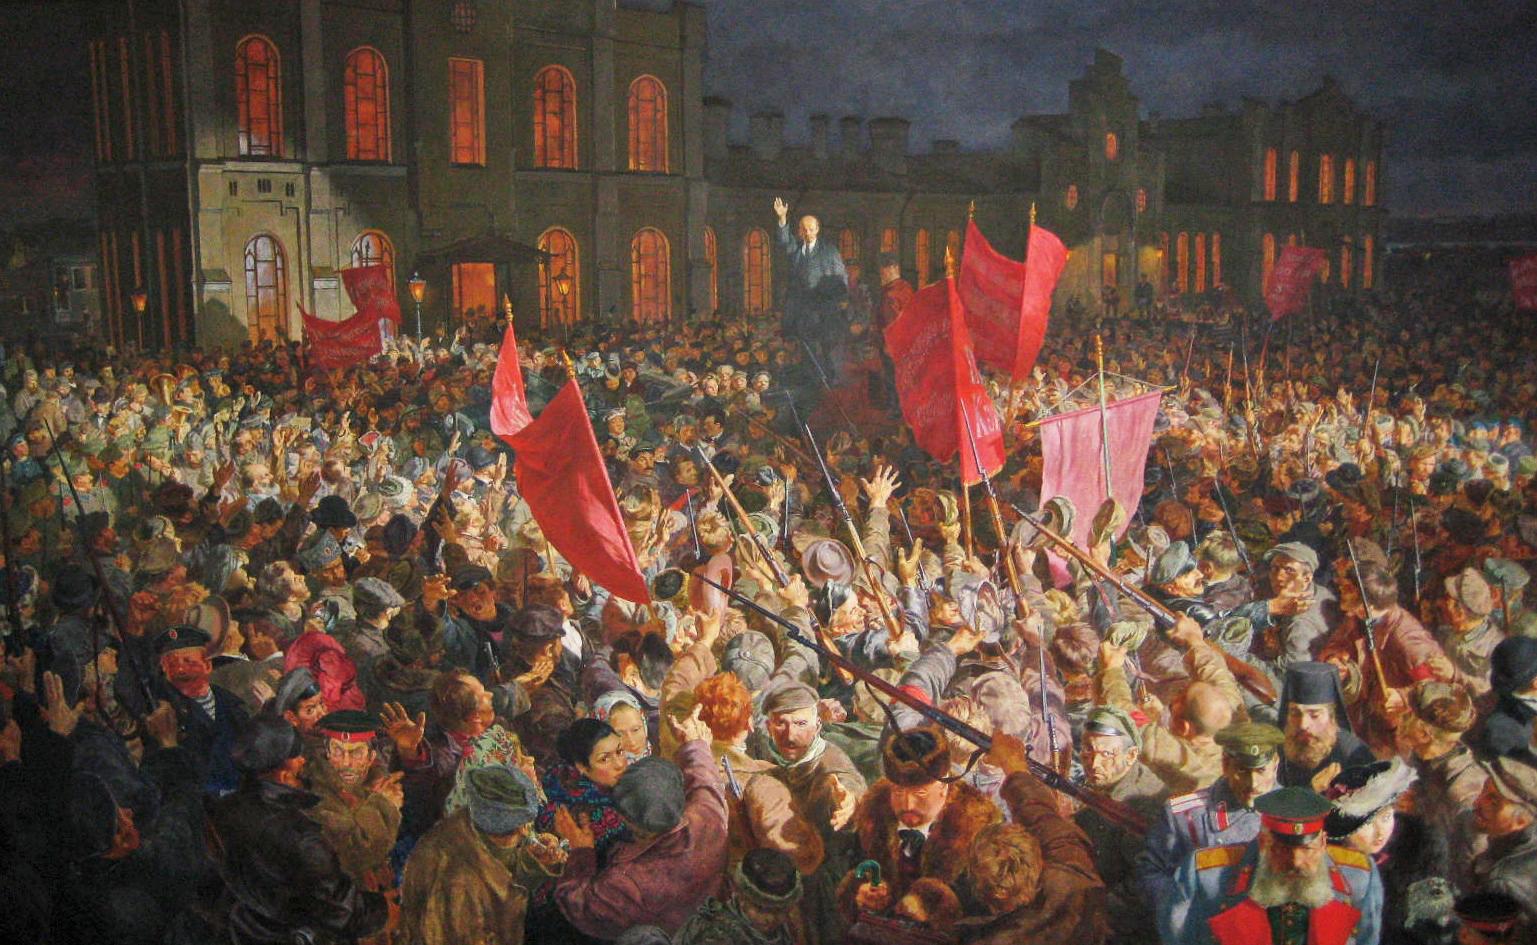 Cách mạng Tháng mười 1917: Tiếng vọng sau một thế kỷ